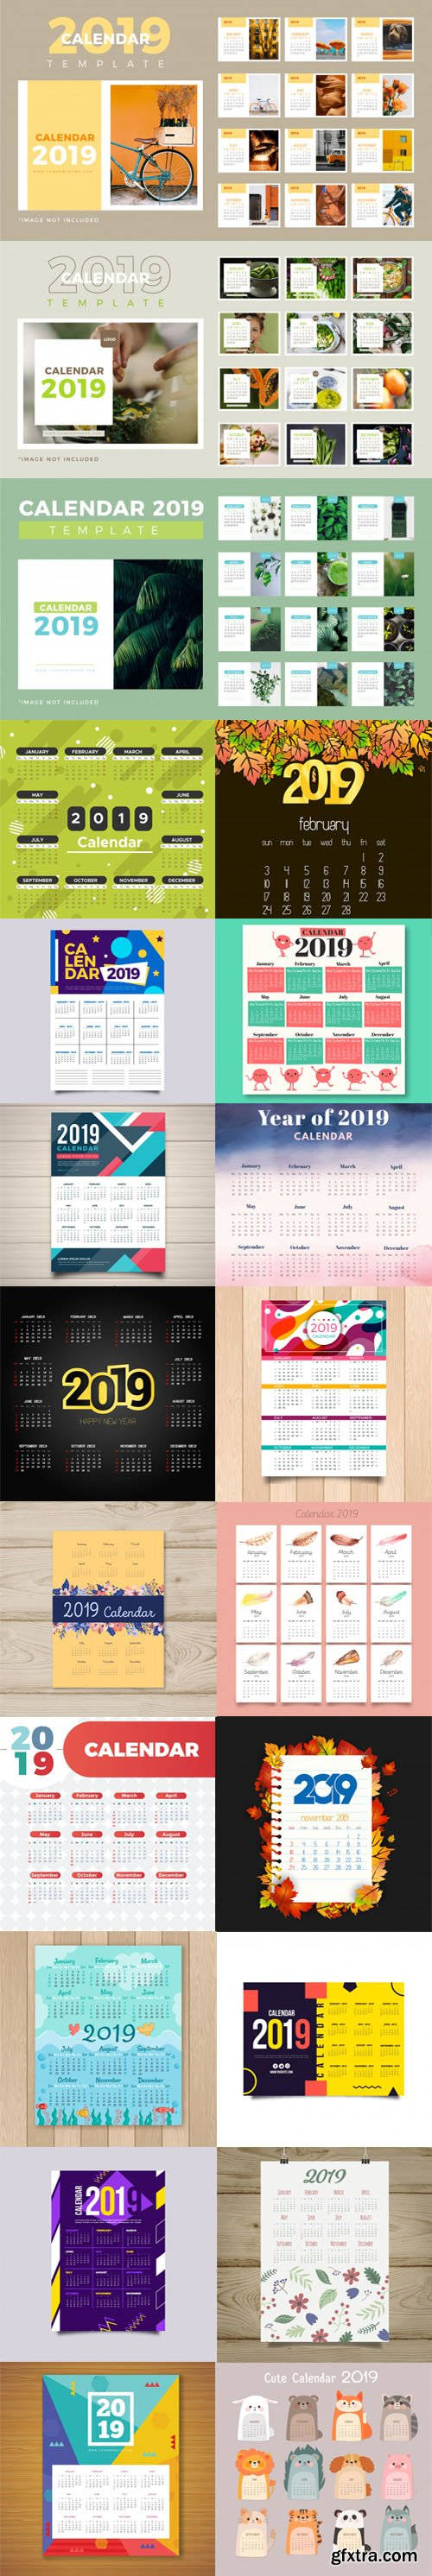 2019 Calendar Vector Templates Collection 2 [25 Calendars]